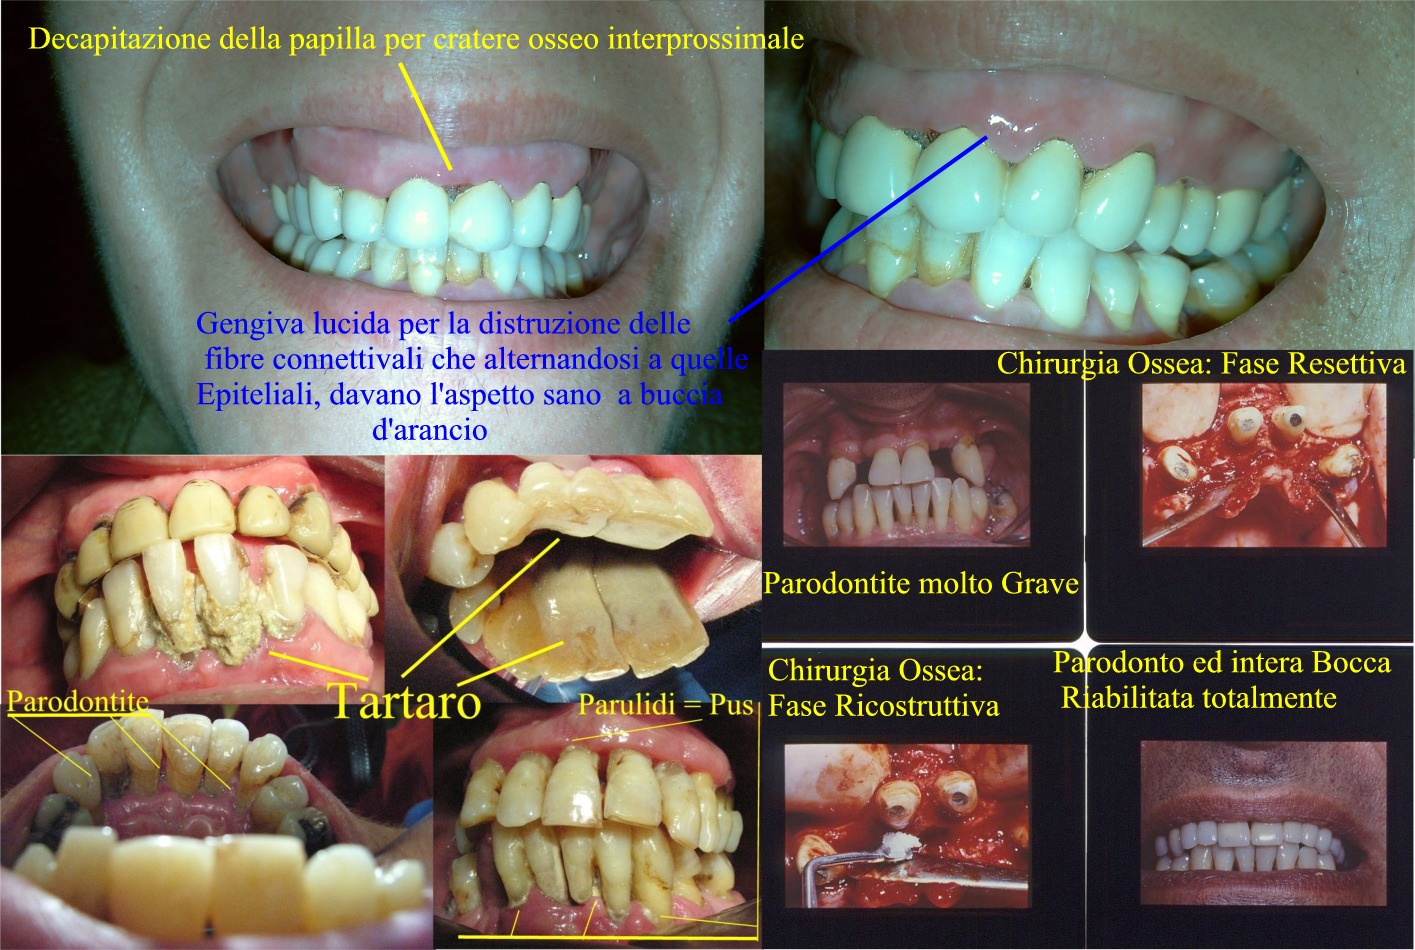 Parodontite aggressiva con pus detto parulide in quasi tutti i denti. Da casistica Dr. Gustavo Petti Parodontologo di Cagliari